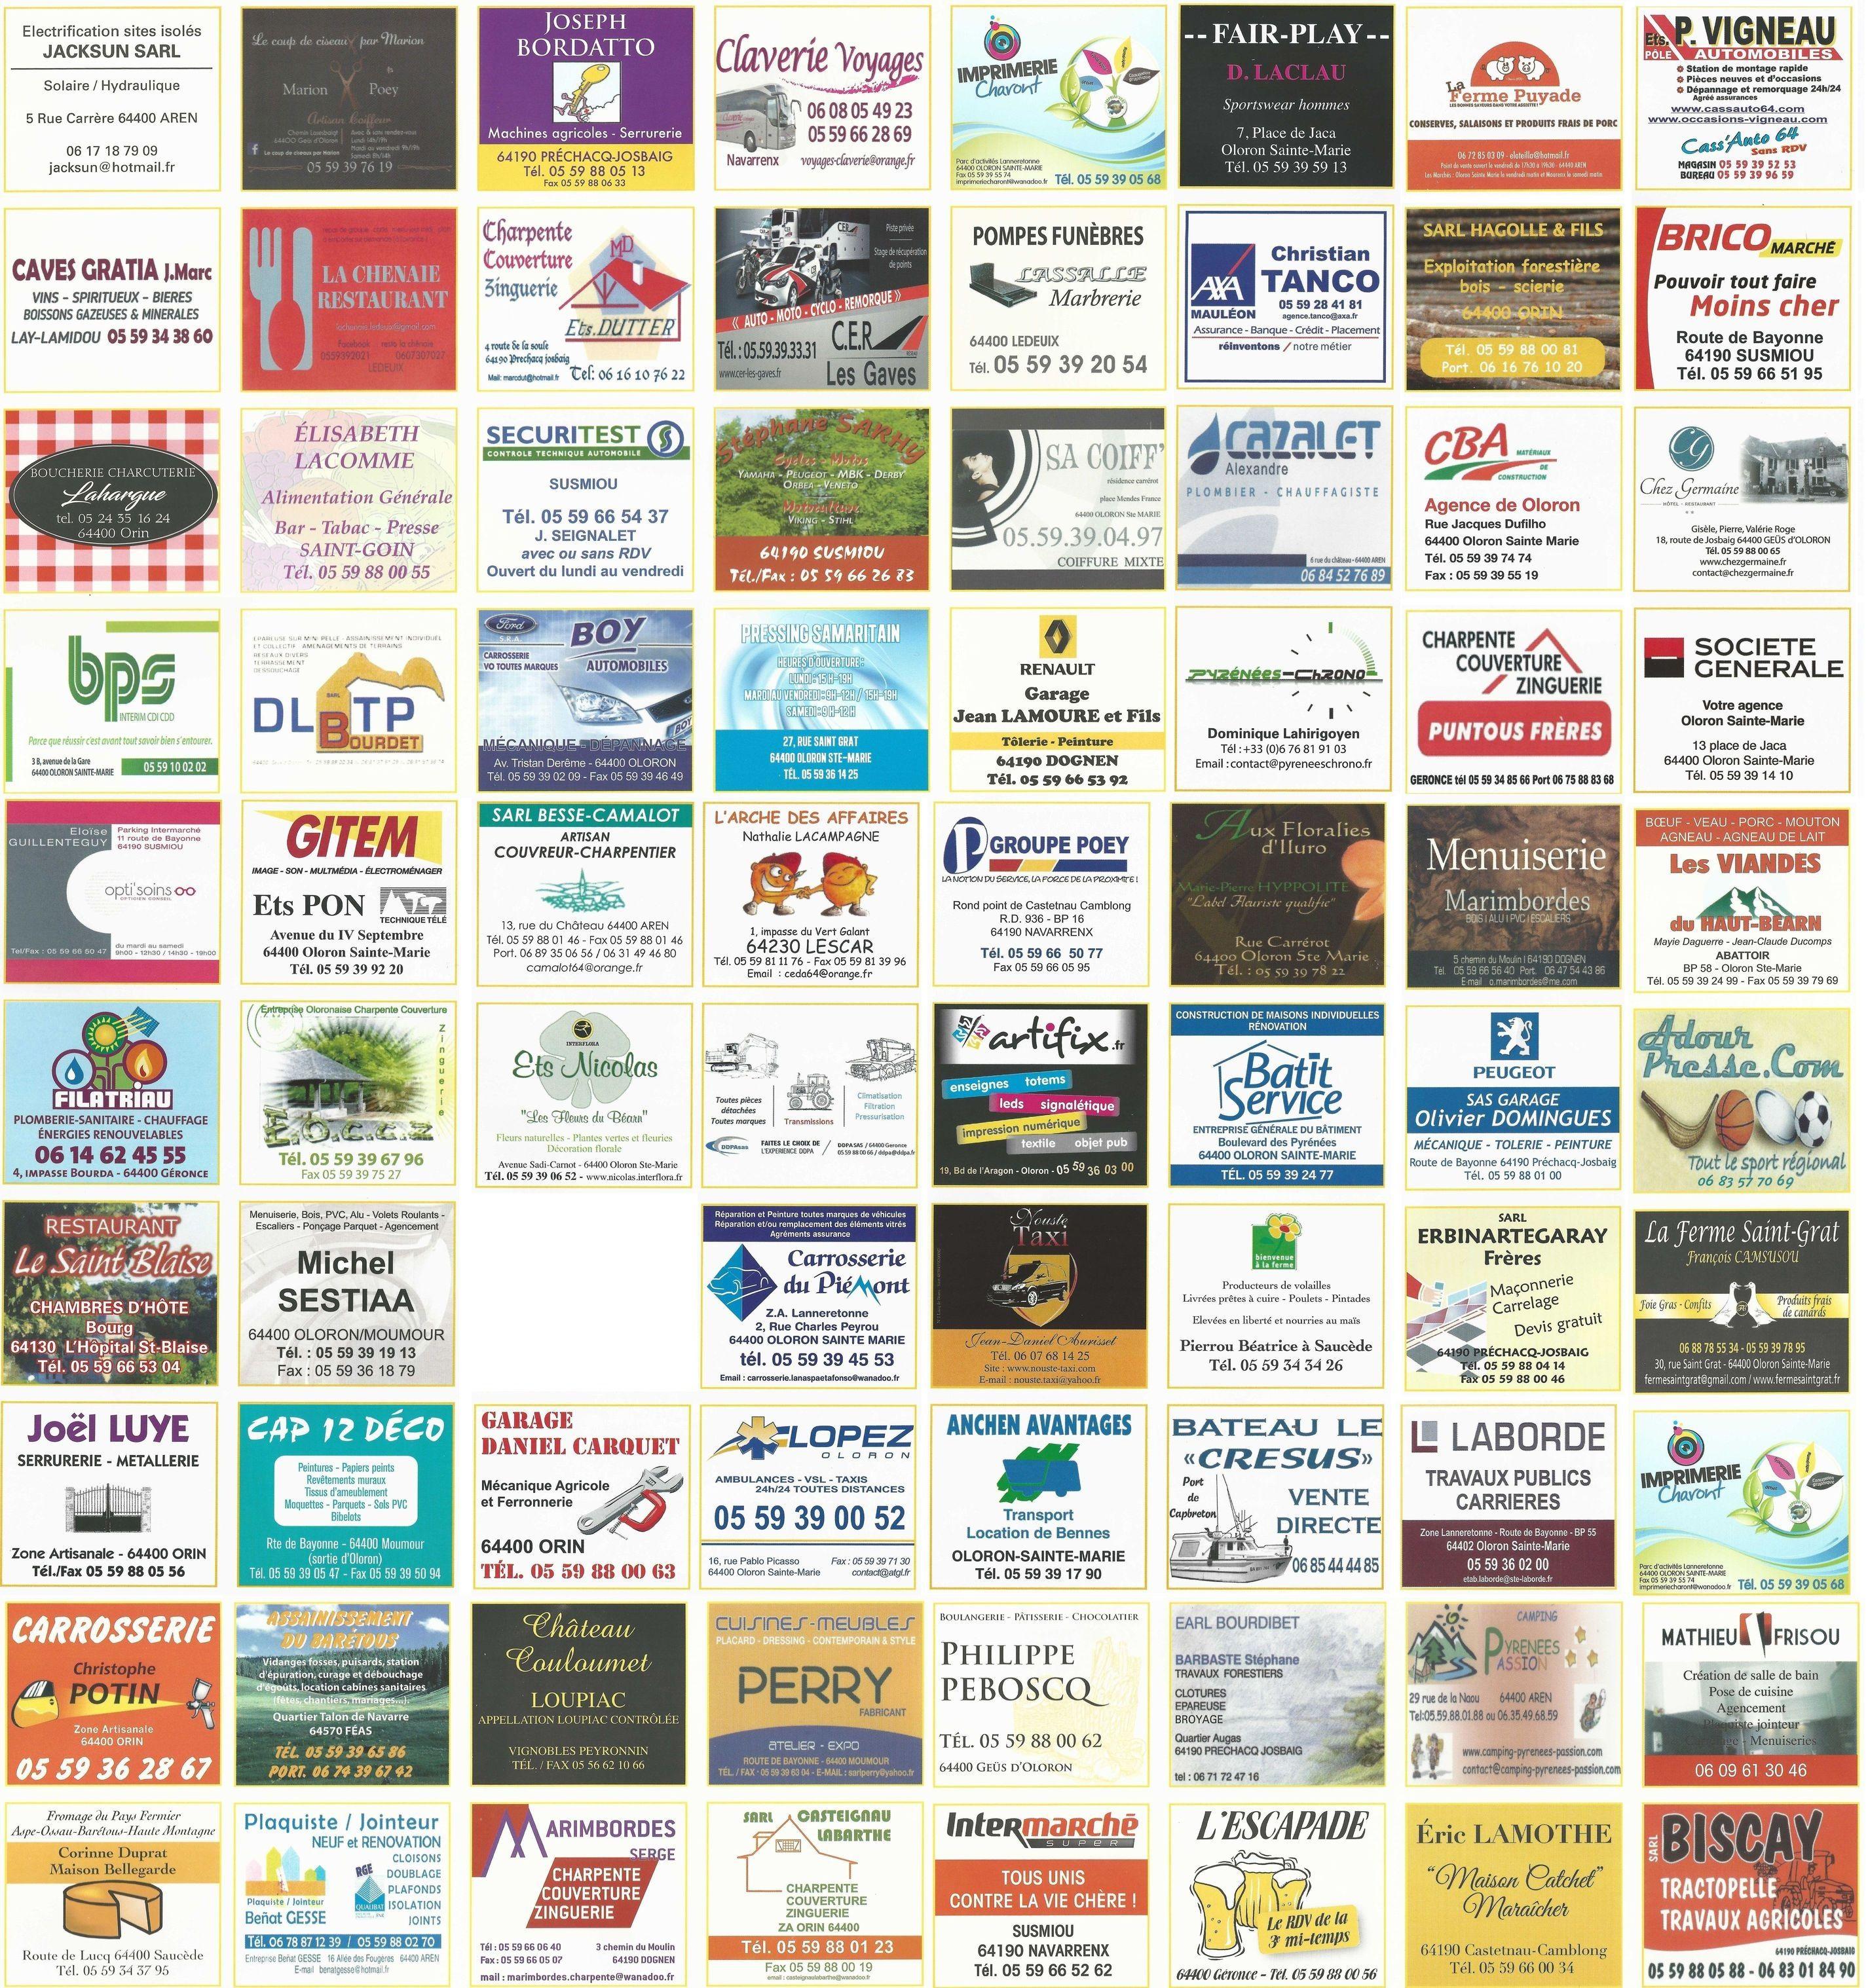 Les sponsors de l'U.S. JOSBAIG